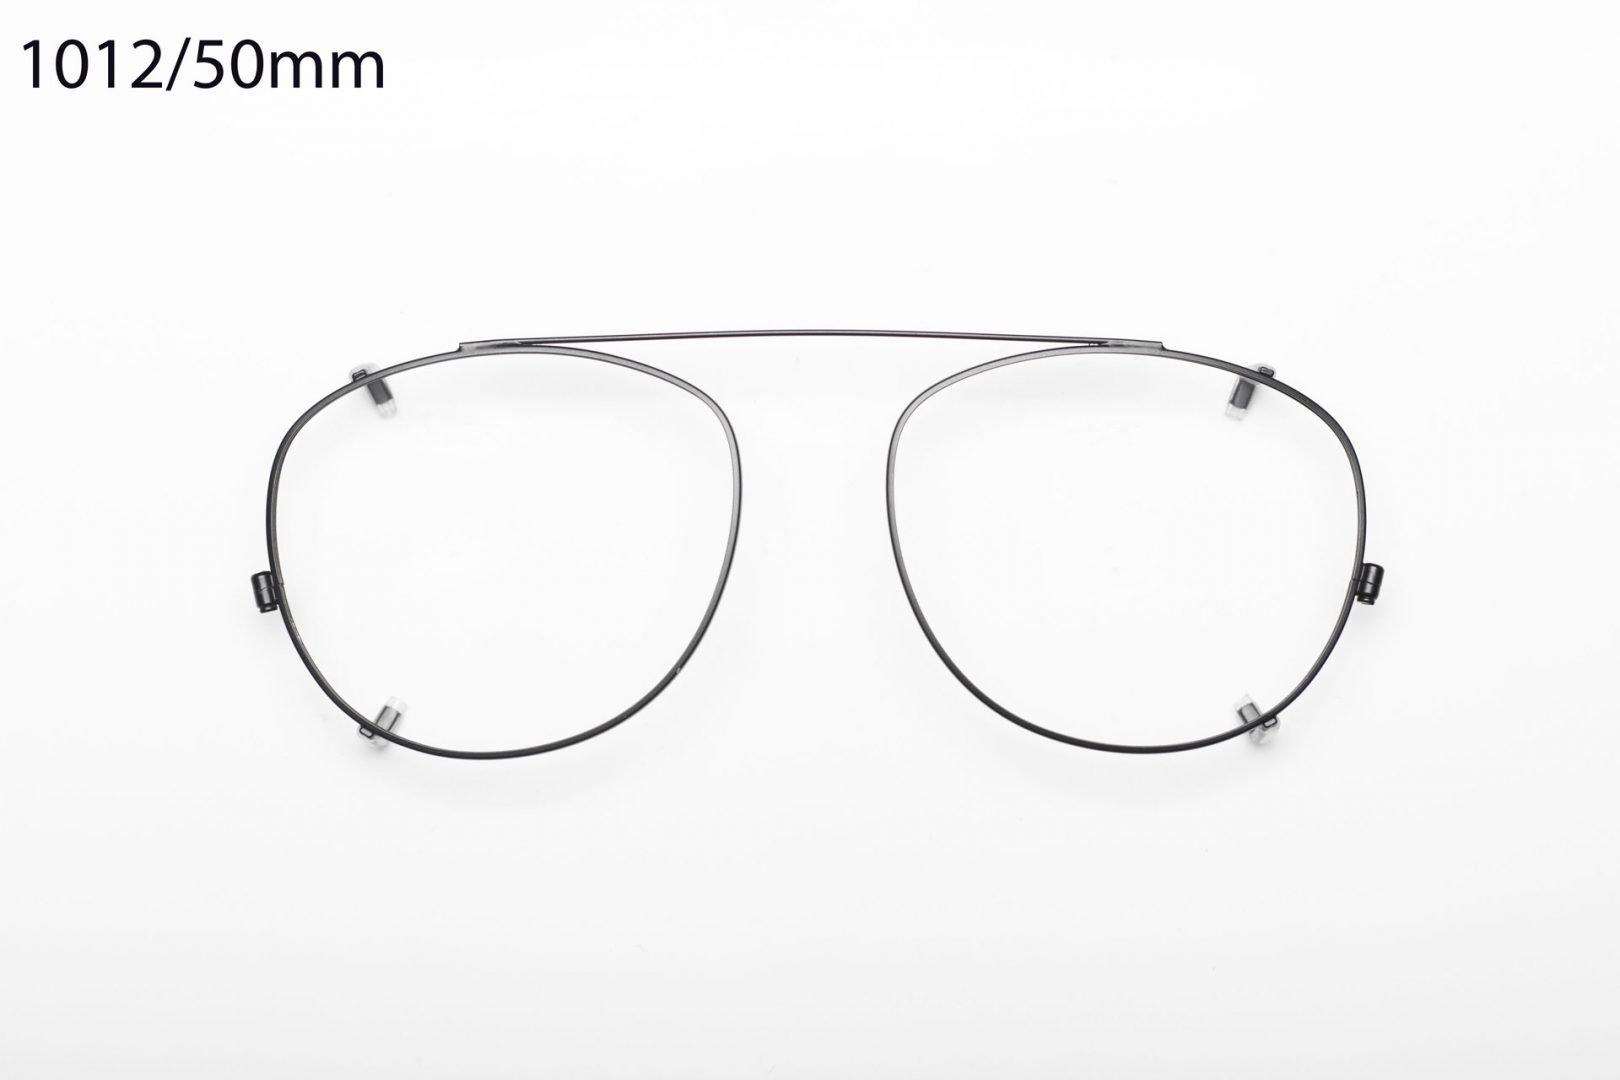 Modèle A63-101250mm